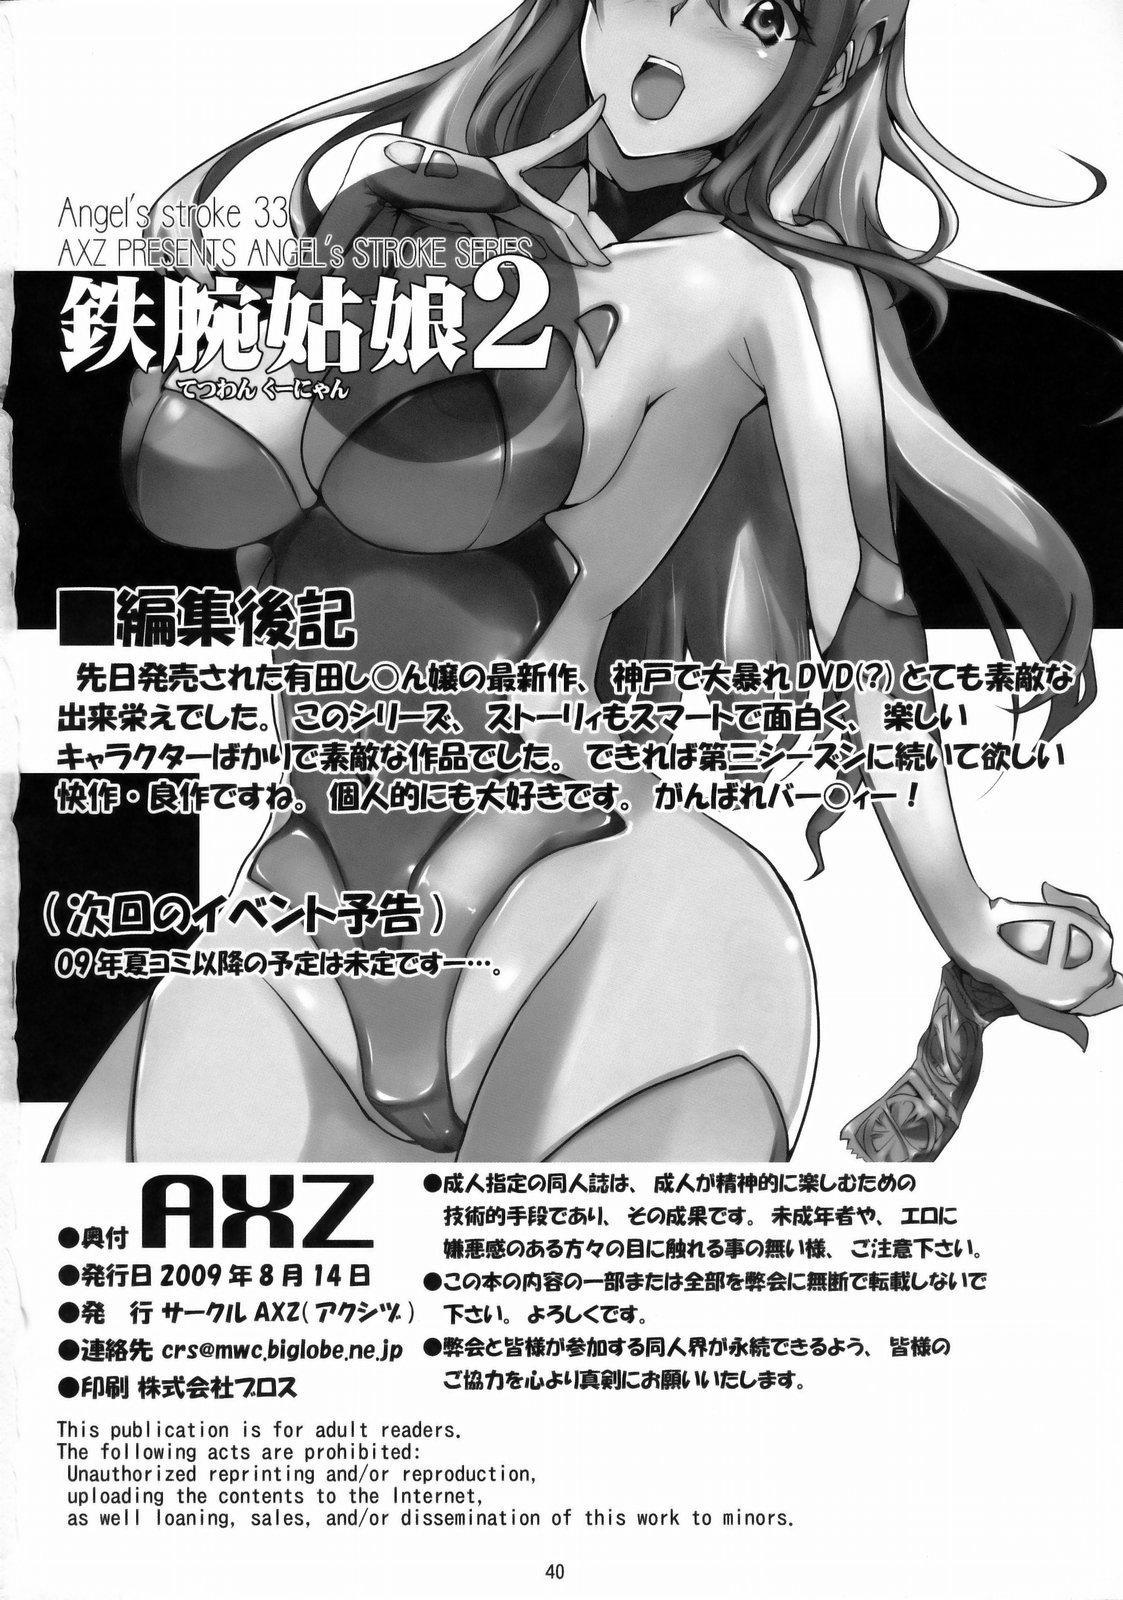 Angel's stroke 33 Tetsuwan Kuunyan 2 40